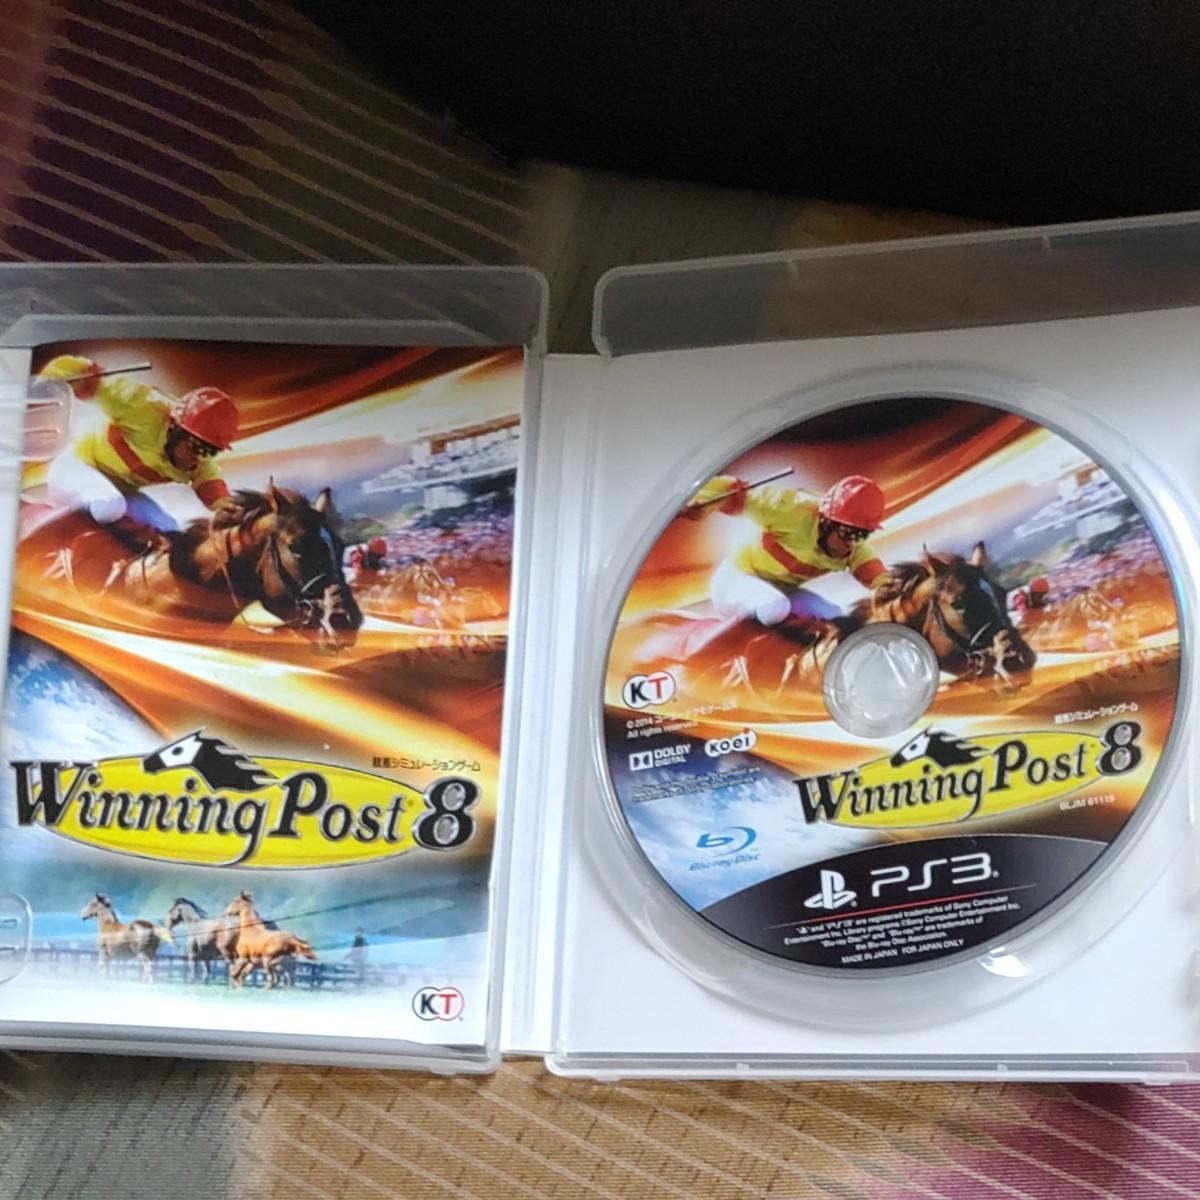 PS3ソフト ウイニングポスト8